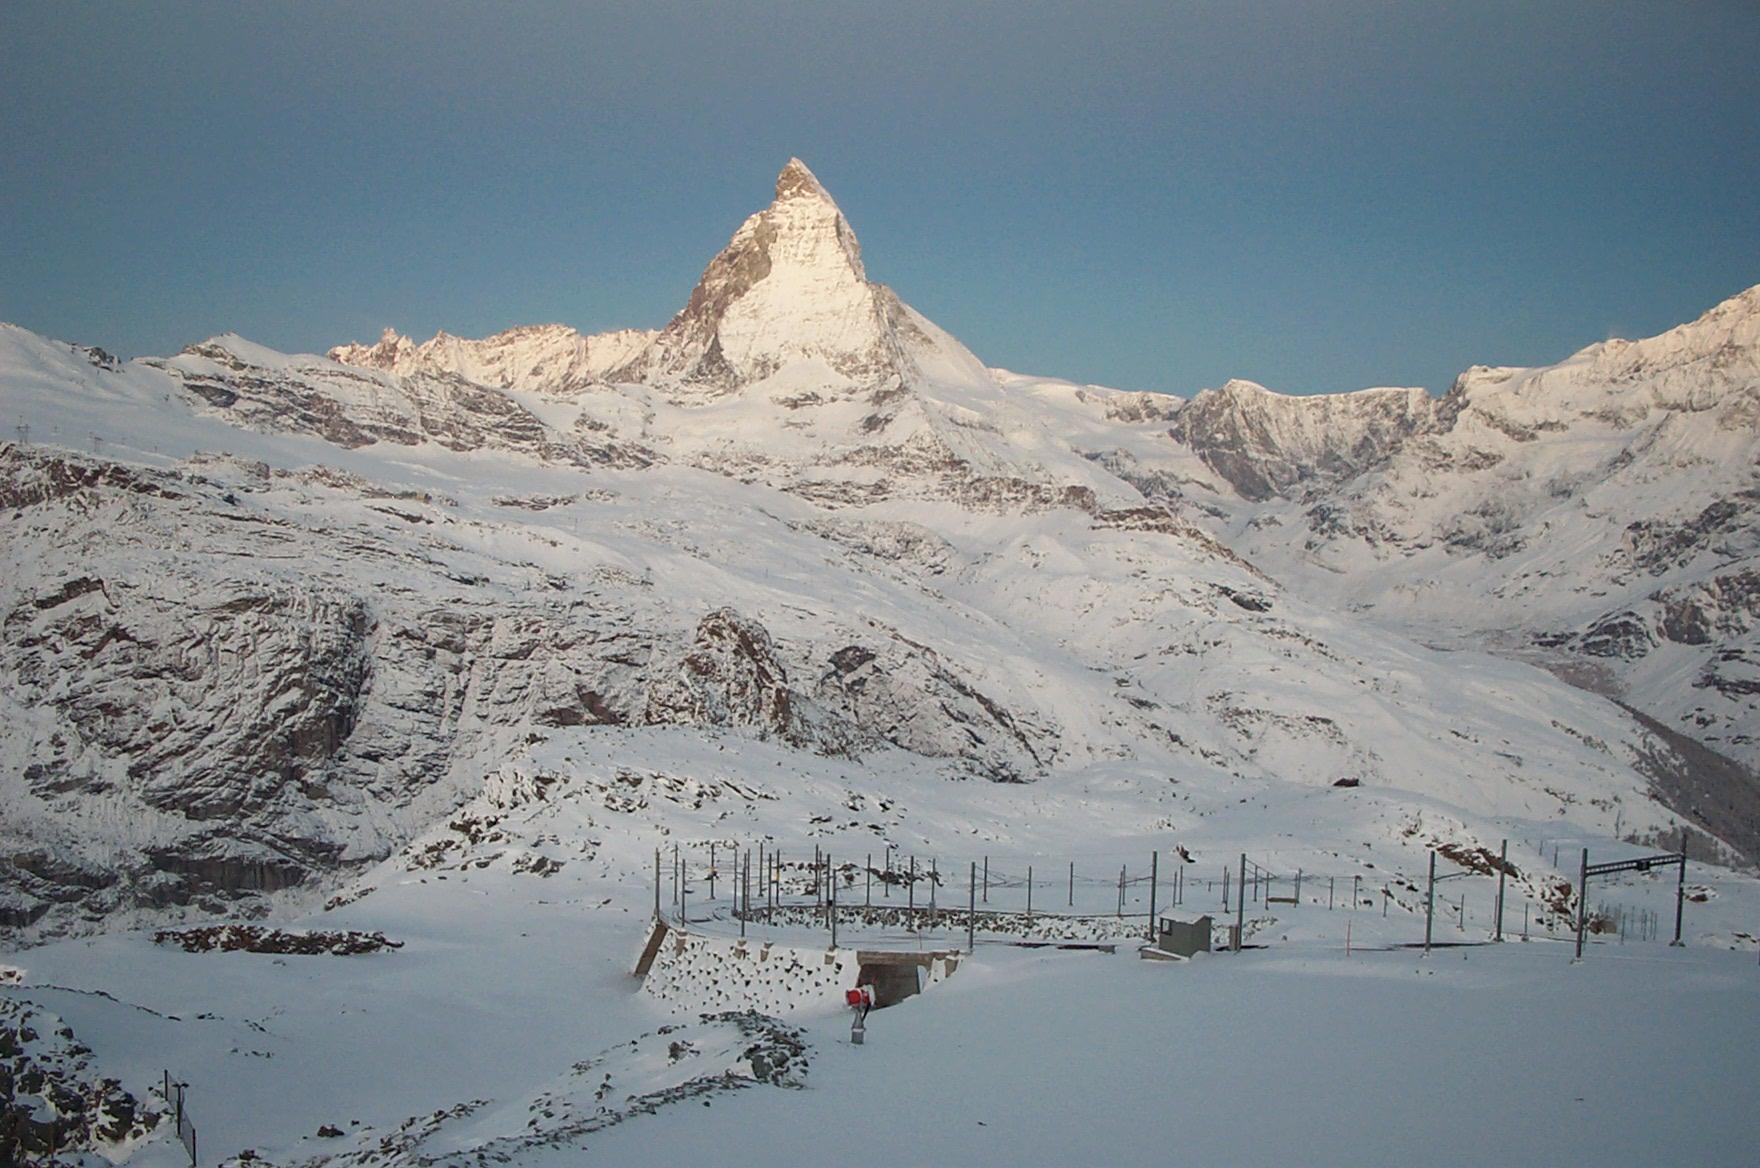 50cm di Neve fresca e nevicate fino a 1400m sulle Alpi grazie a Cleopatra